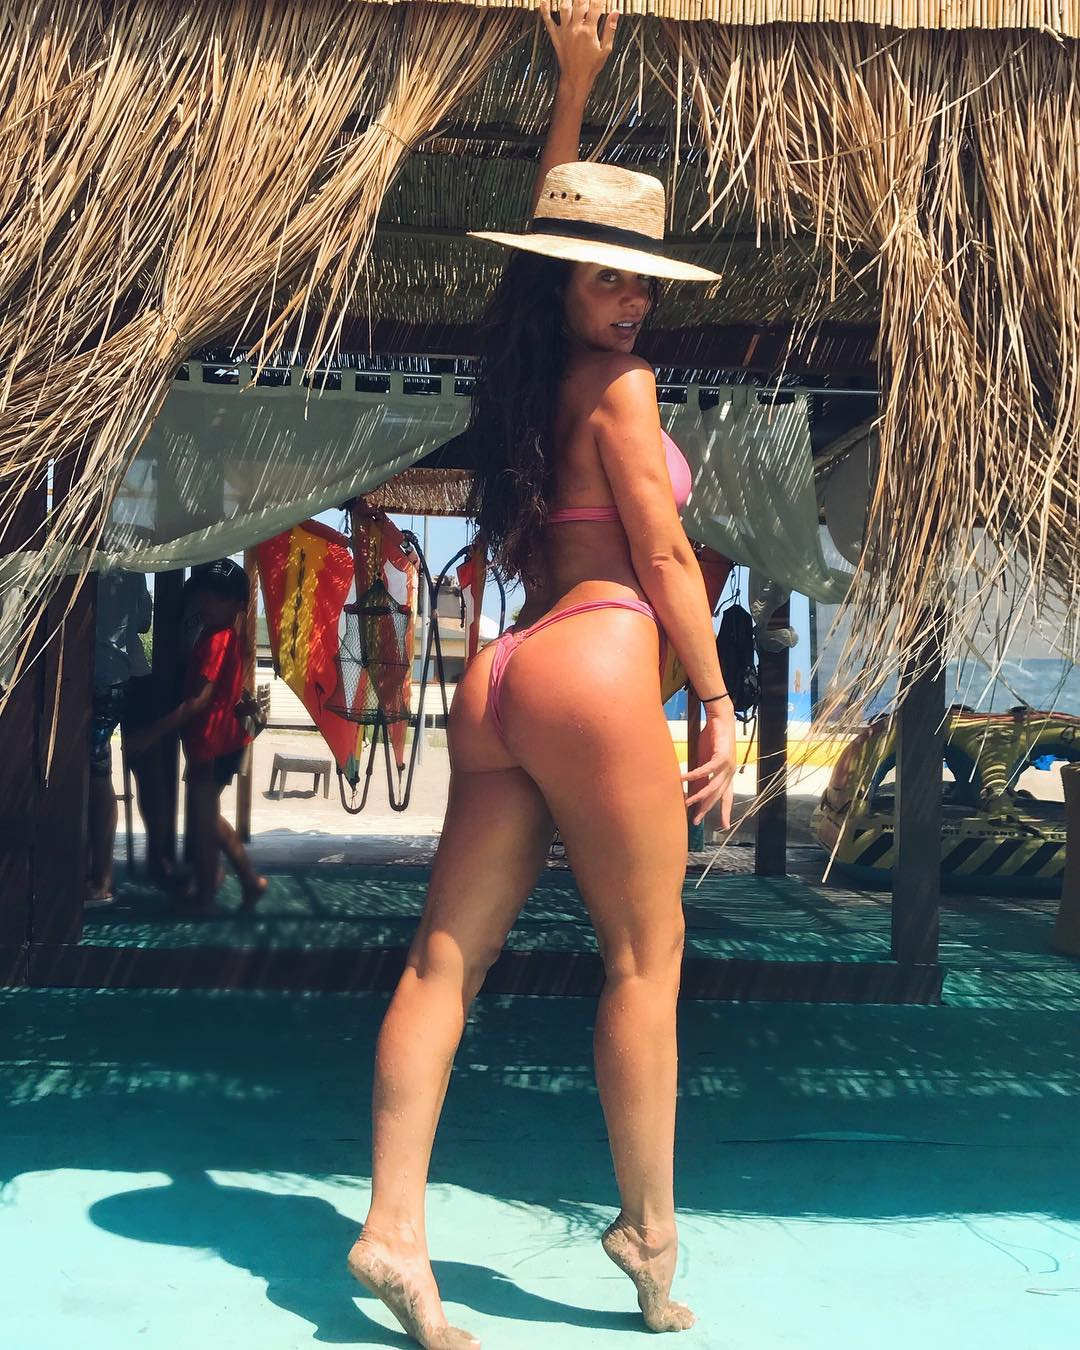 Анна Седокова блеснула телом на пляже в Турции